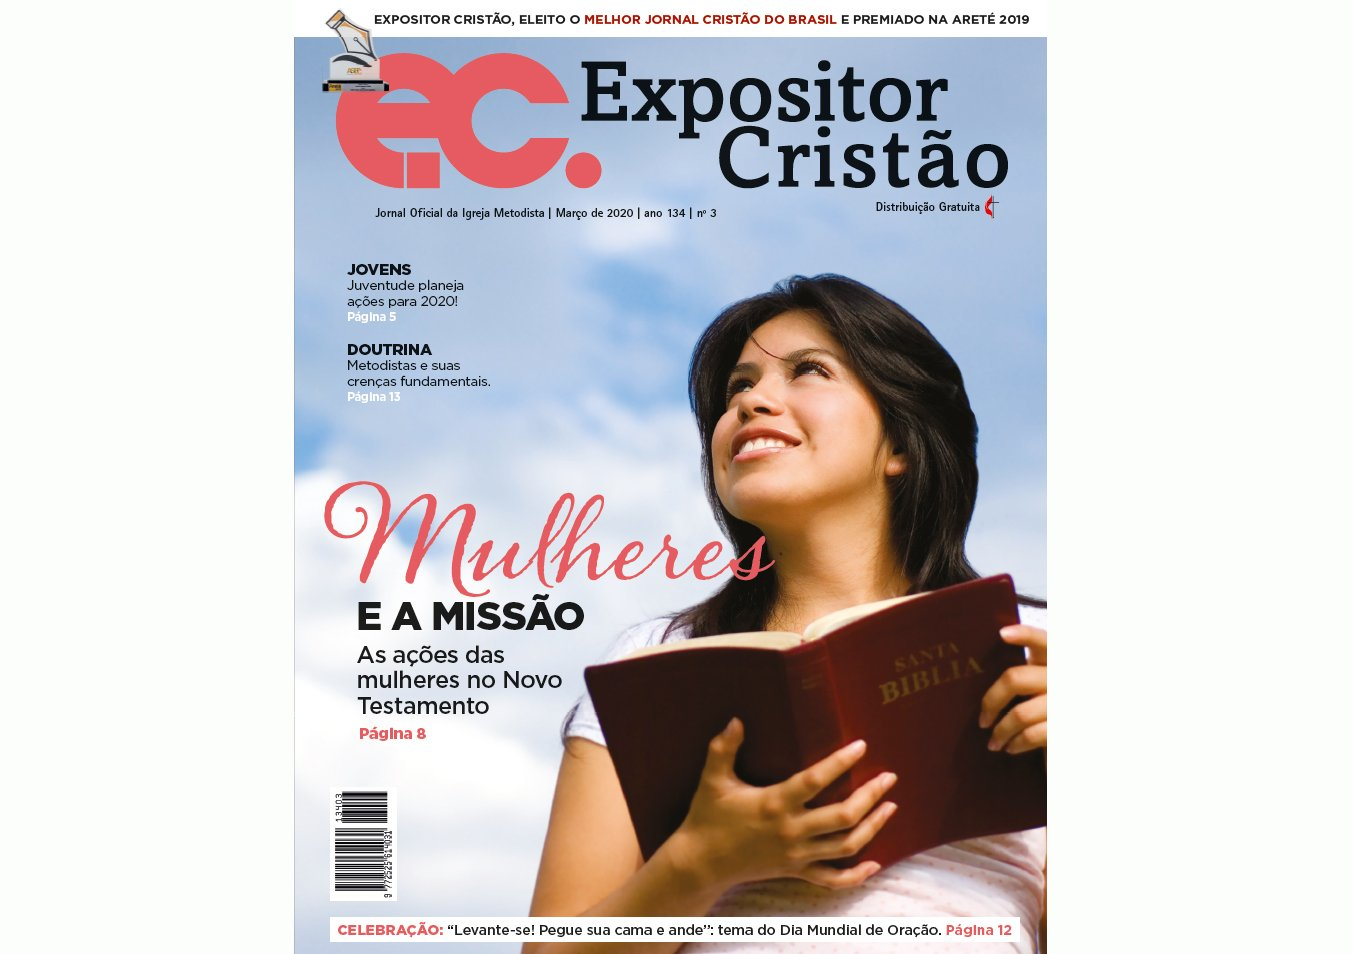 EC de março: as mulheres e a missão no Novo Testamento